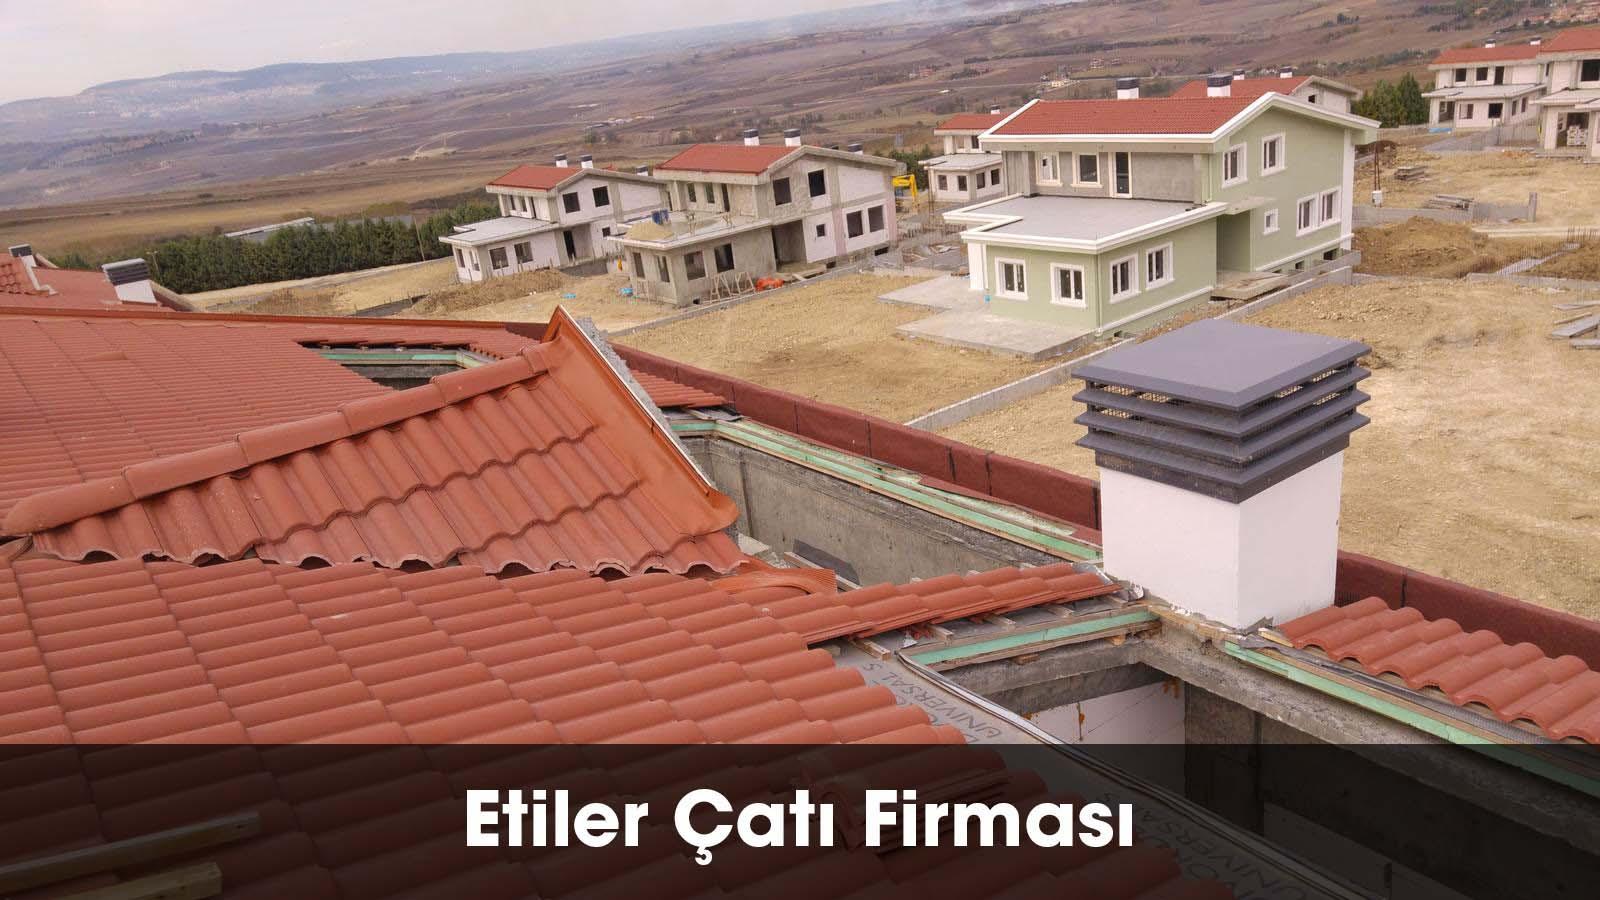 Etiler çatı firması